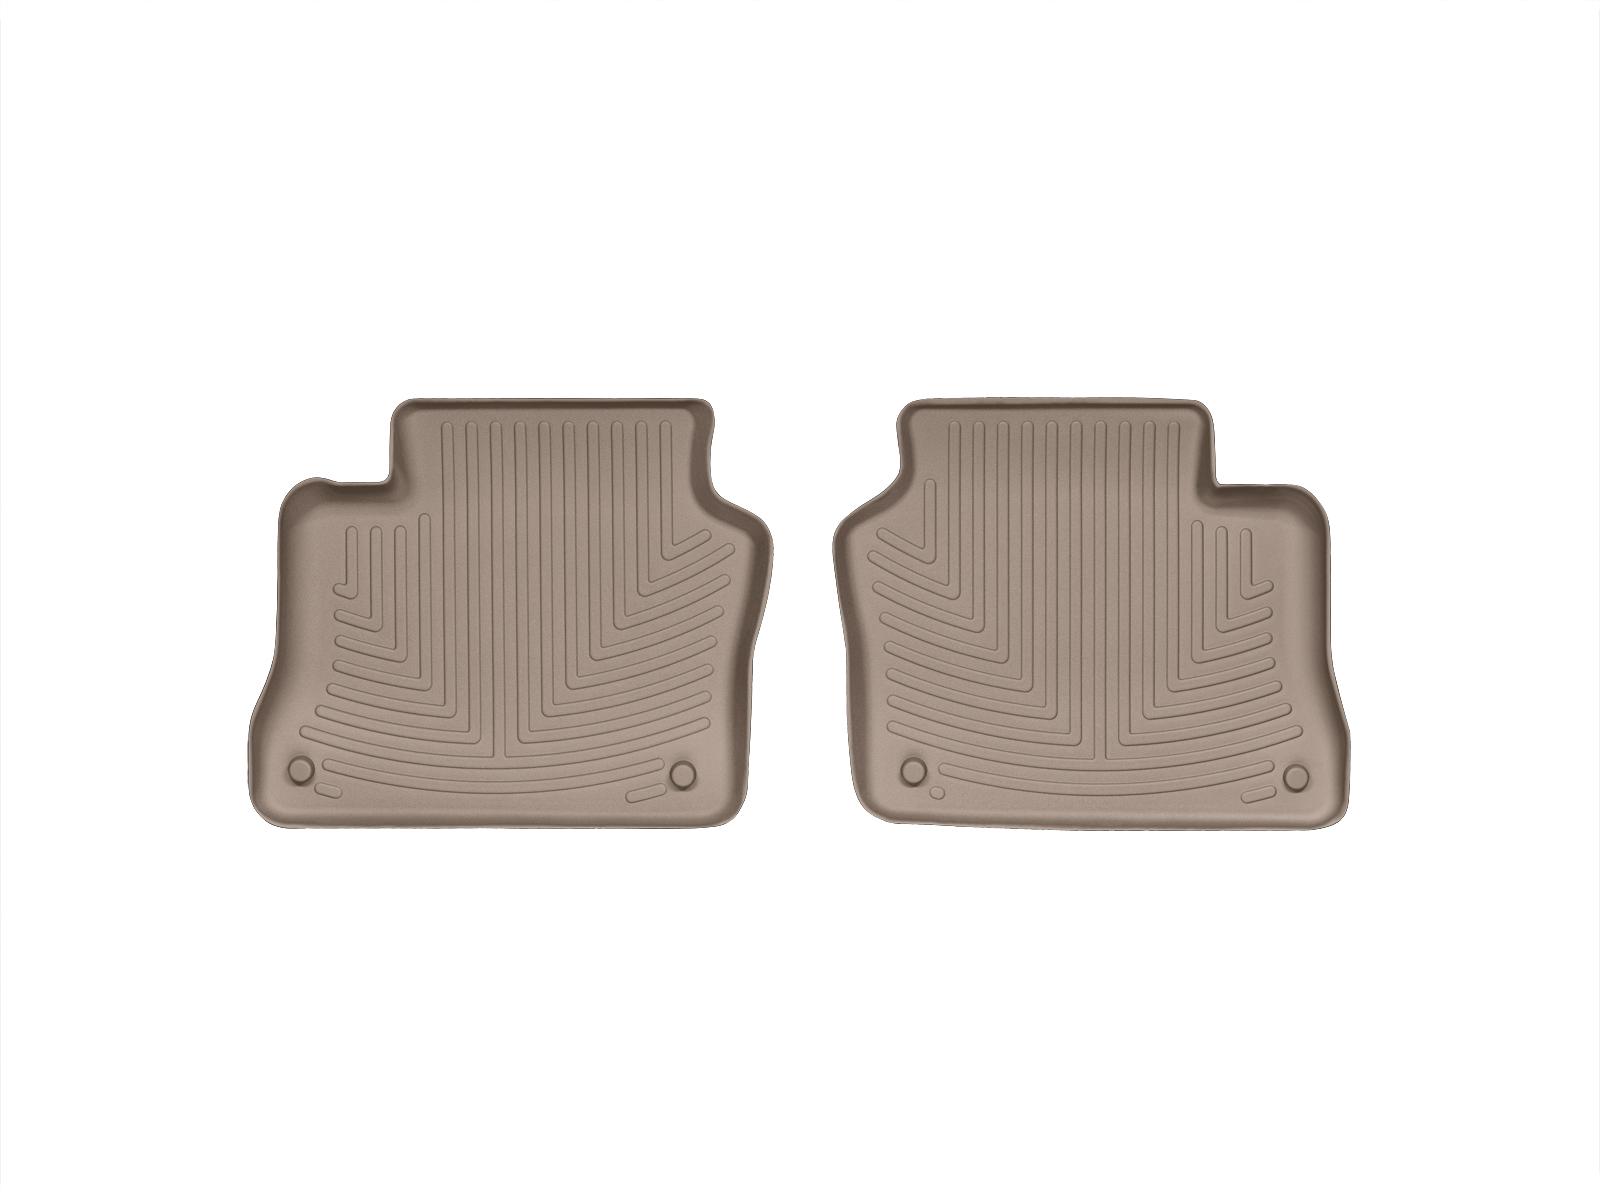 Tappeti gomma su misura bordo alto Porsche® Panamera 10>16 Marrone A3173